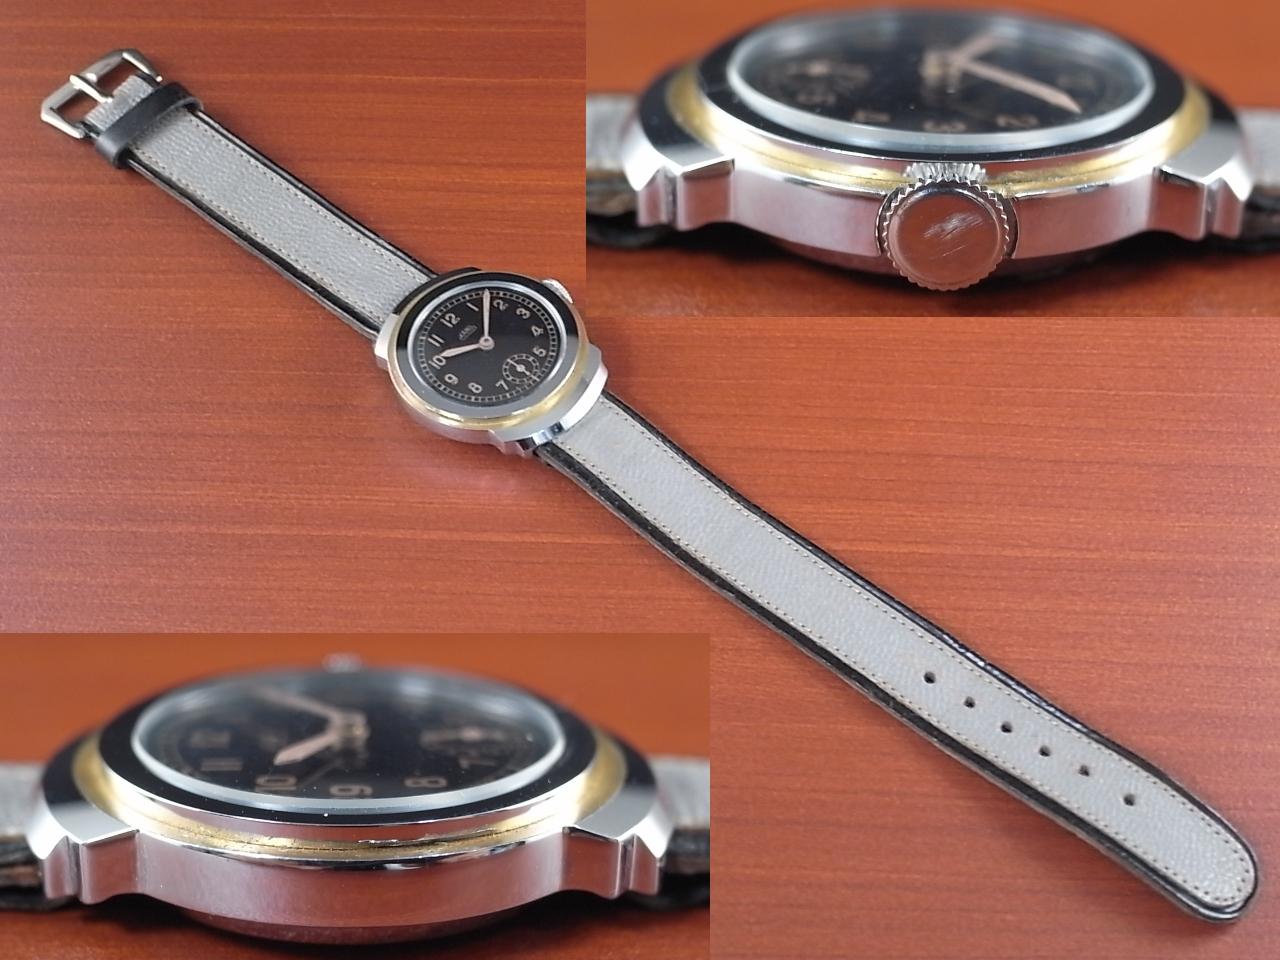 カーノ アールデコ ブラックミラーダイアル N.O.S. ドイツ時計 1930年代の写真3枚目